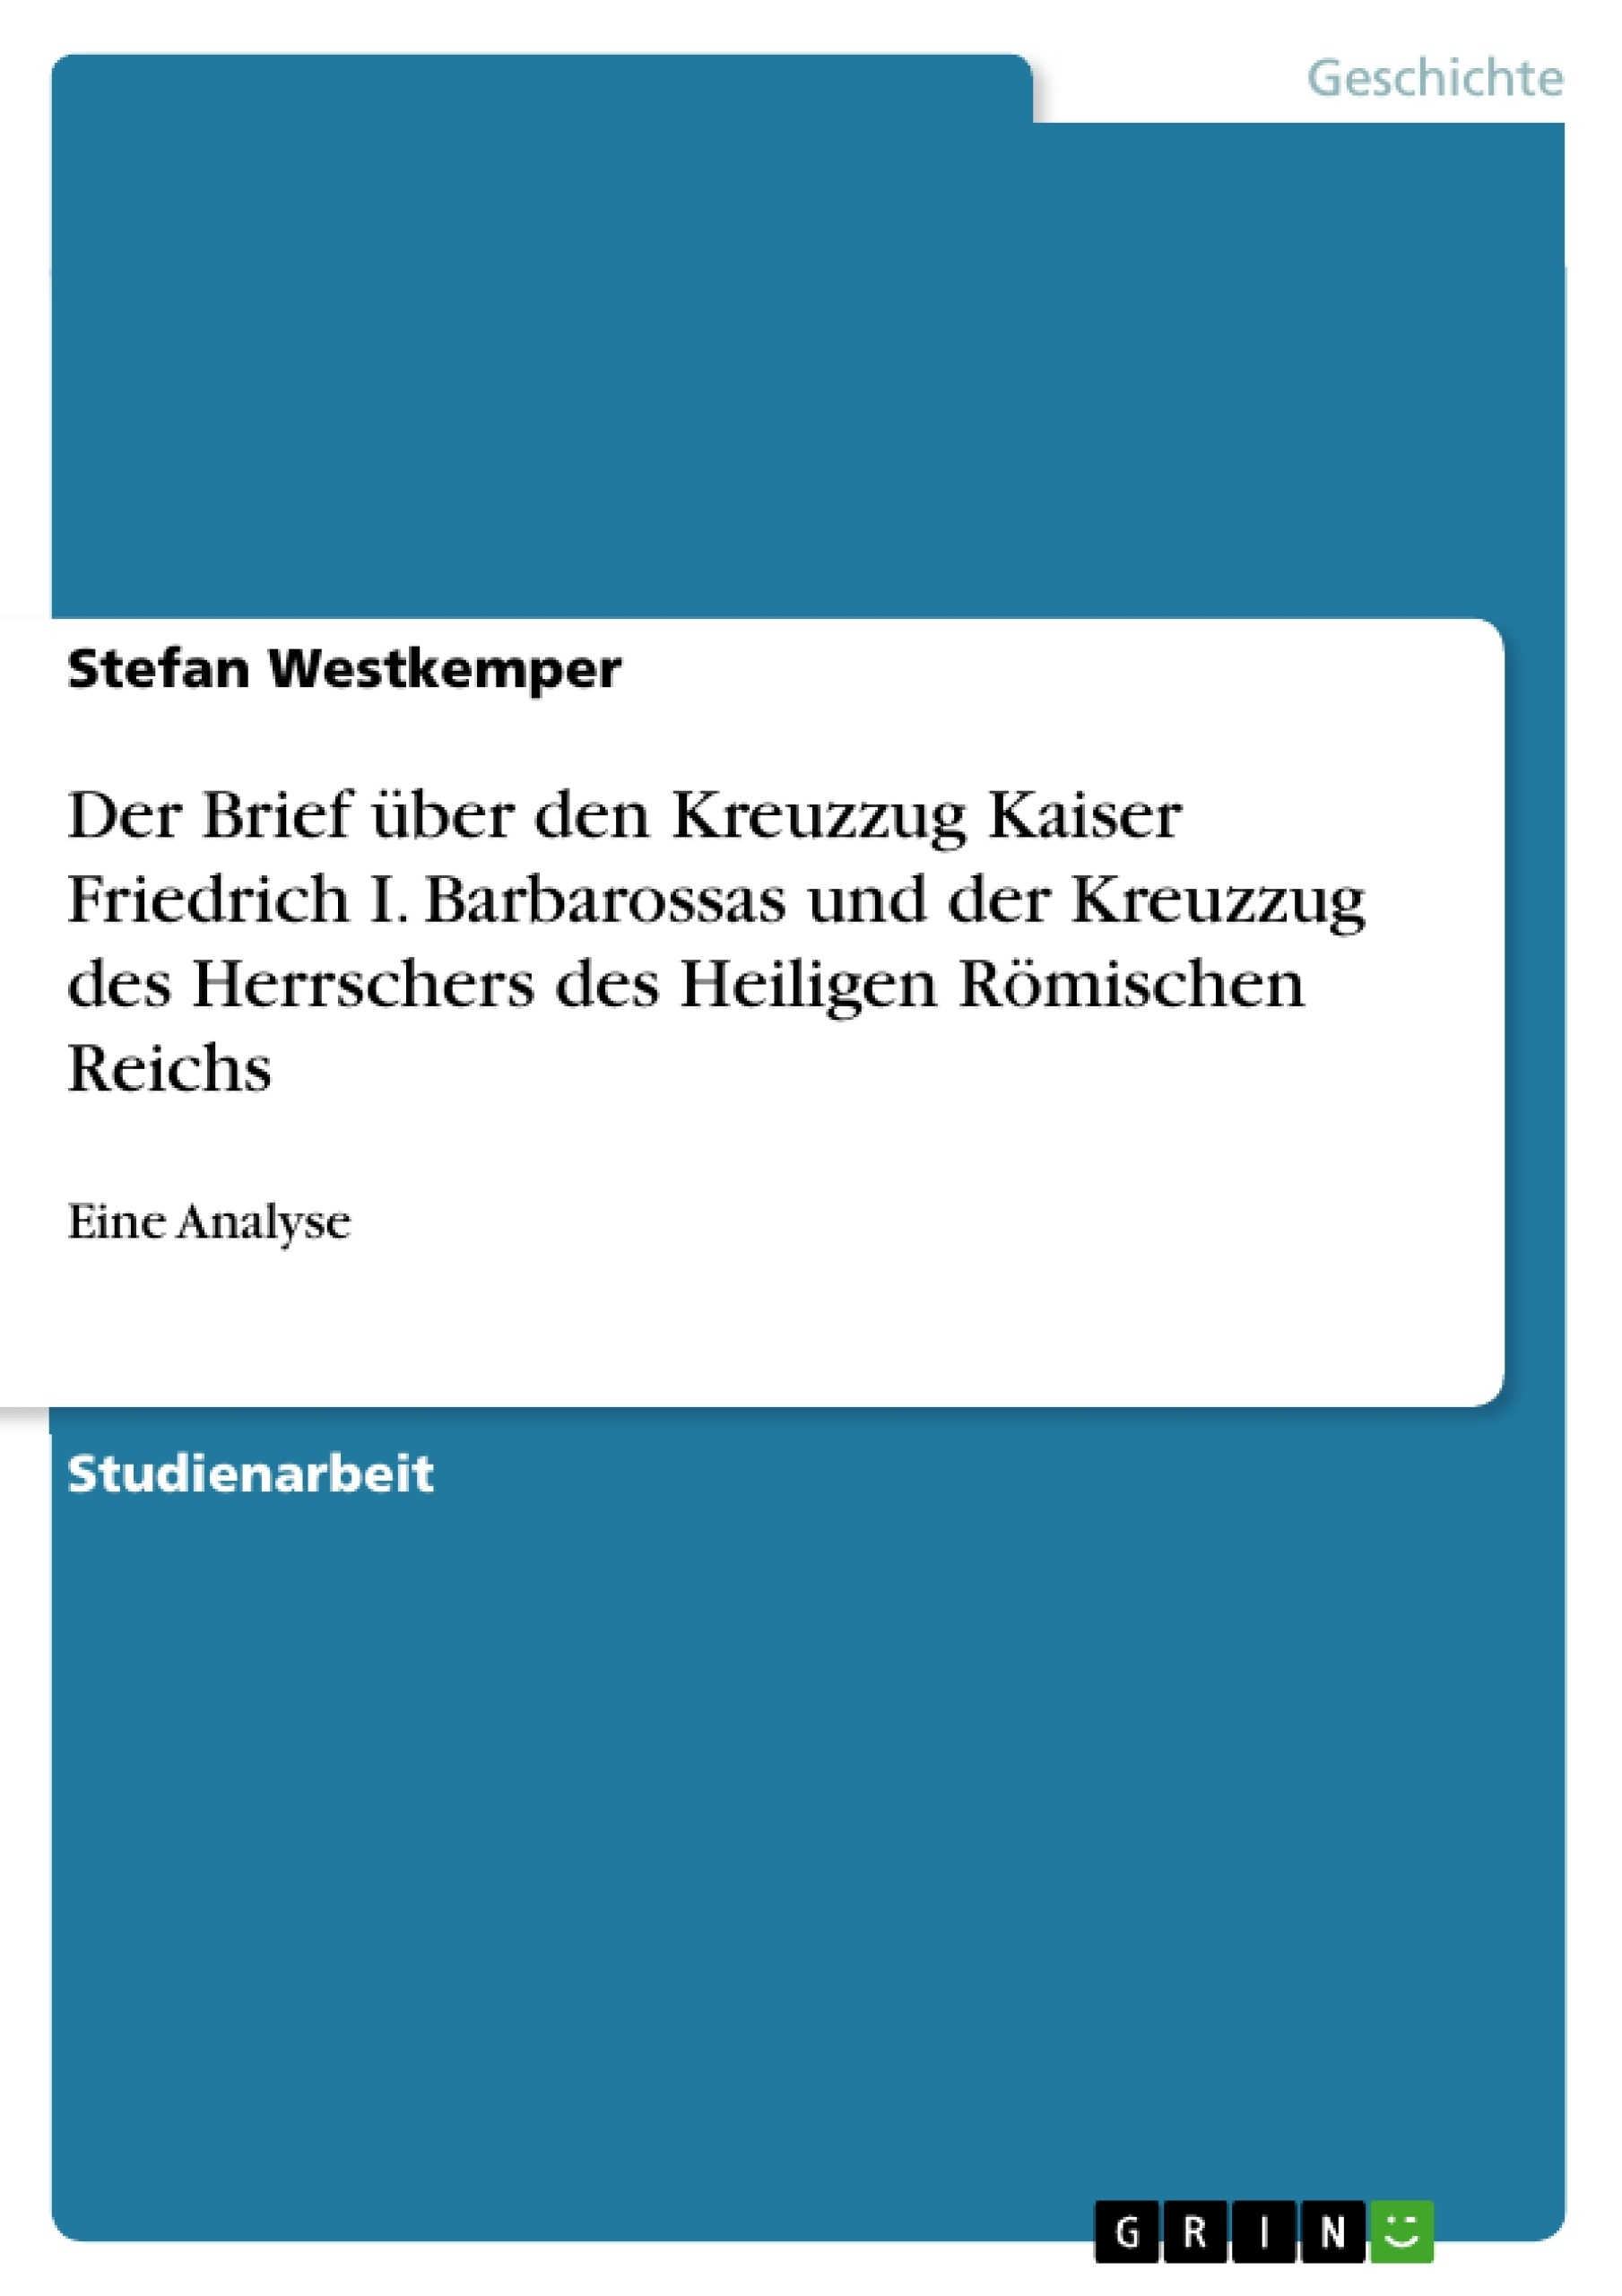 Titel: Der Brief über den Kreuzzug Kaiser Friedrich I. Barbarossas und der Kreuzzug des Herrschers des Heiligen Römischen Reichs